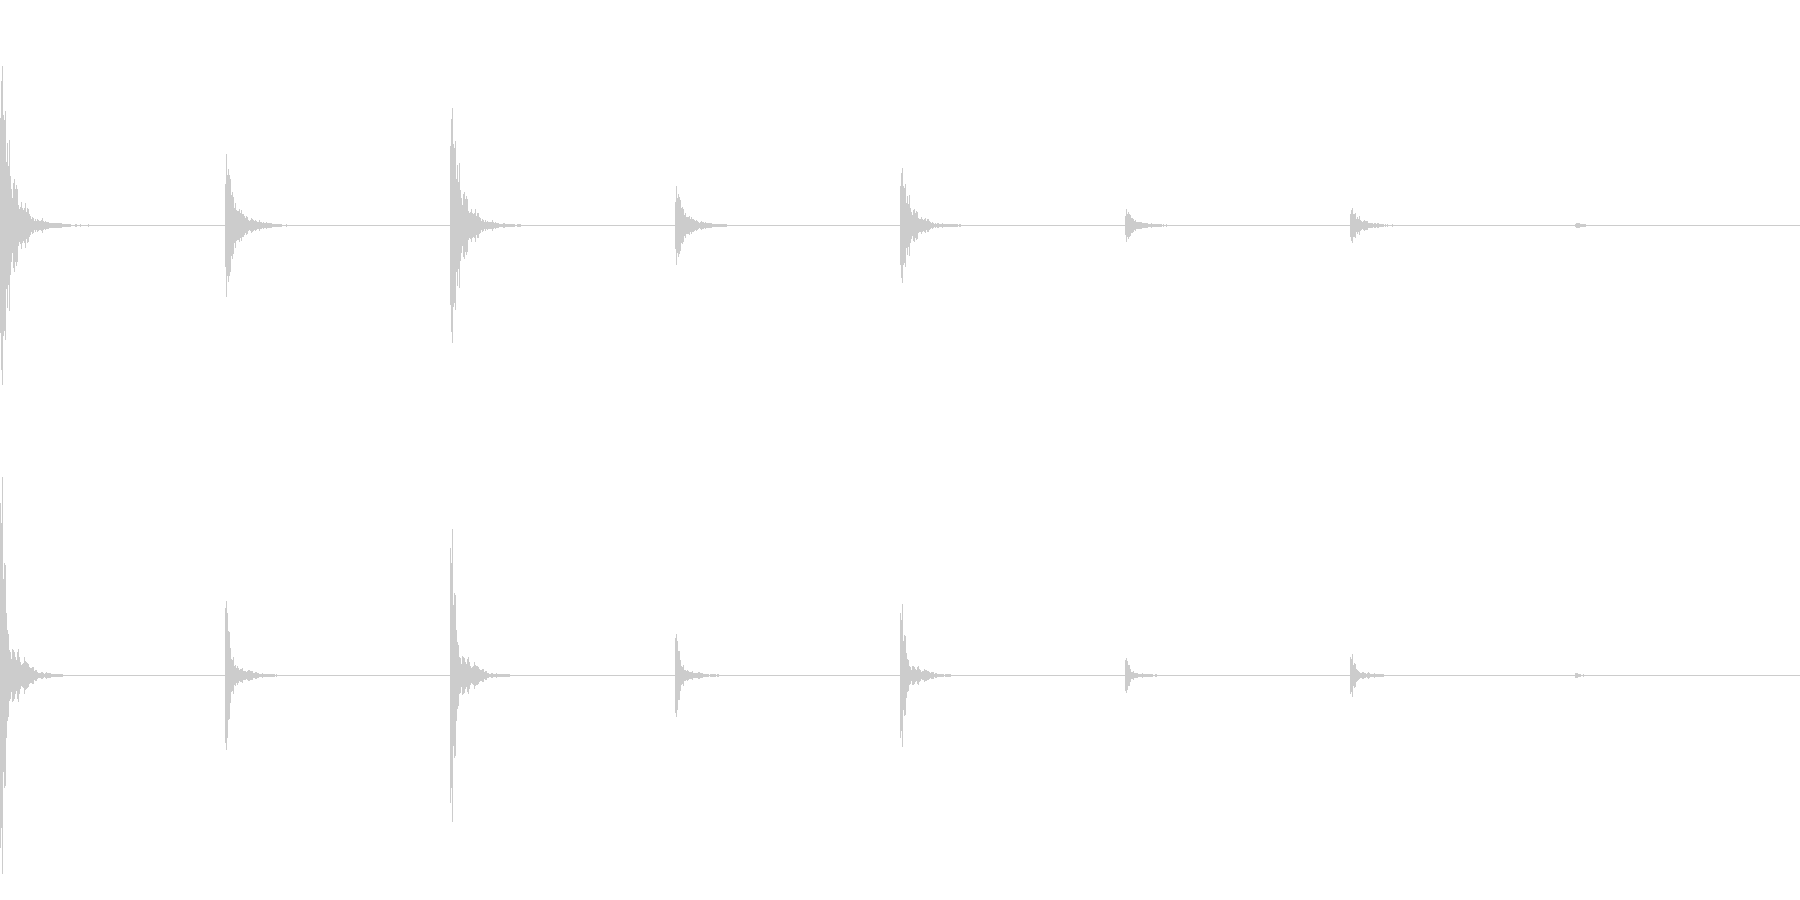 時計、タイマー、ストップウォッチ_A_5の未再生の波形